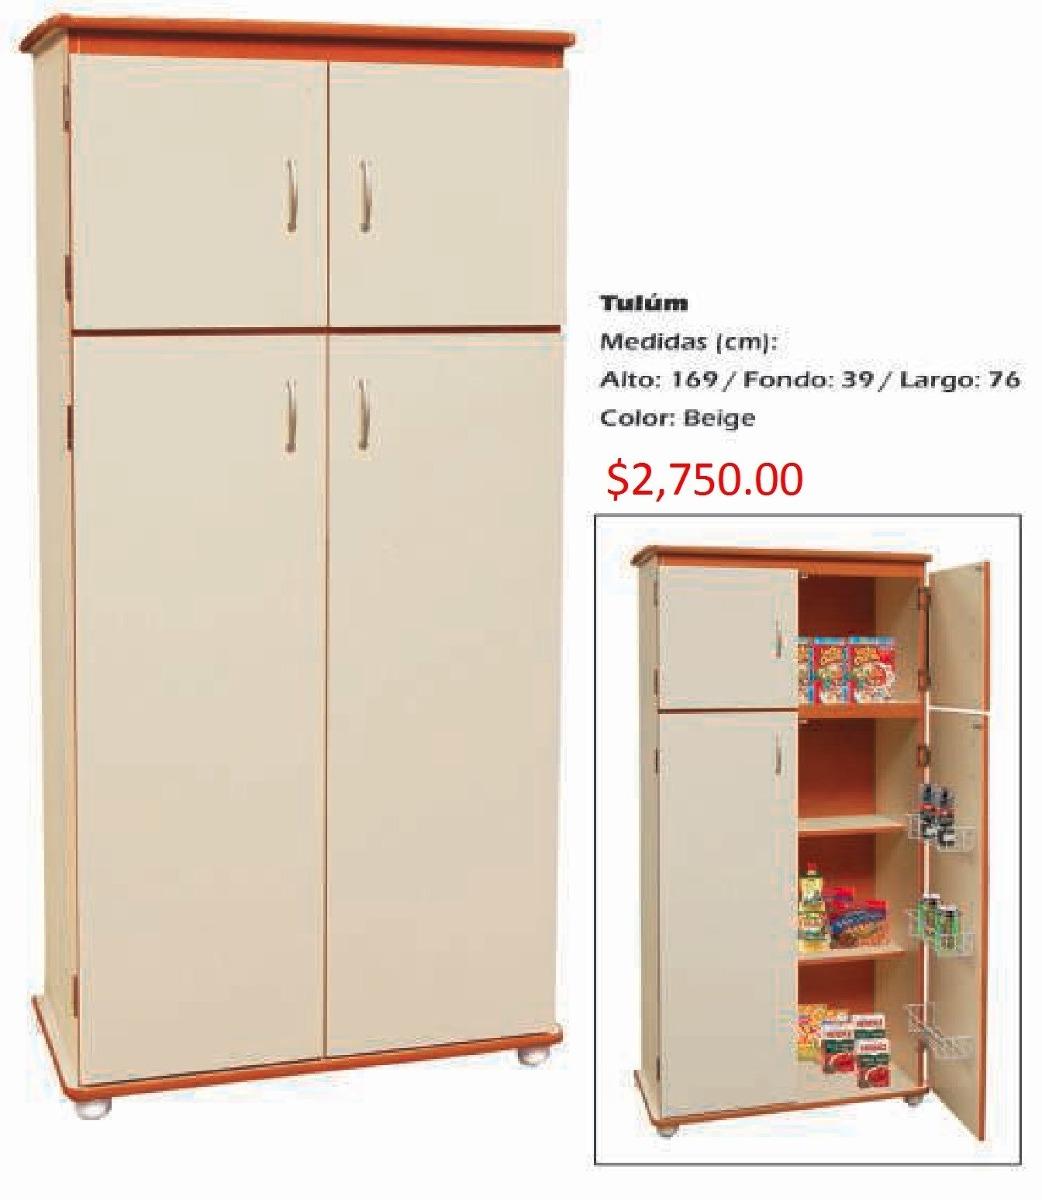 Mueble para cocina modelo tulum 2 en mercado libre - Muebles de cocina merkamueble ...